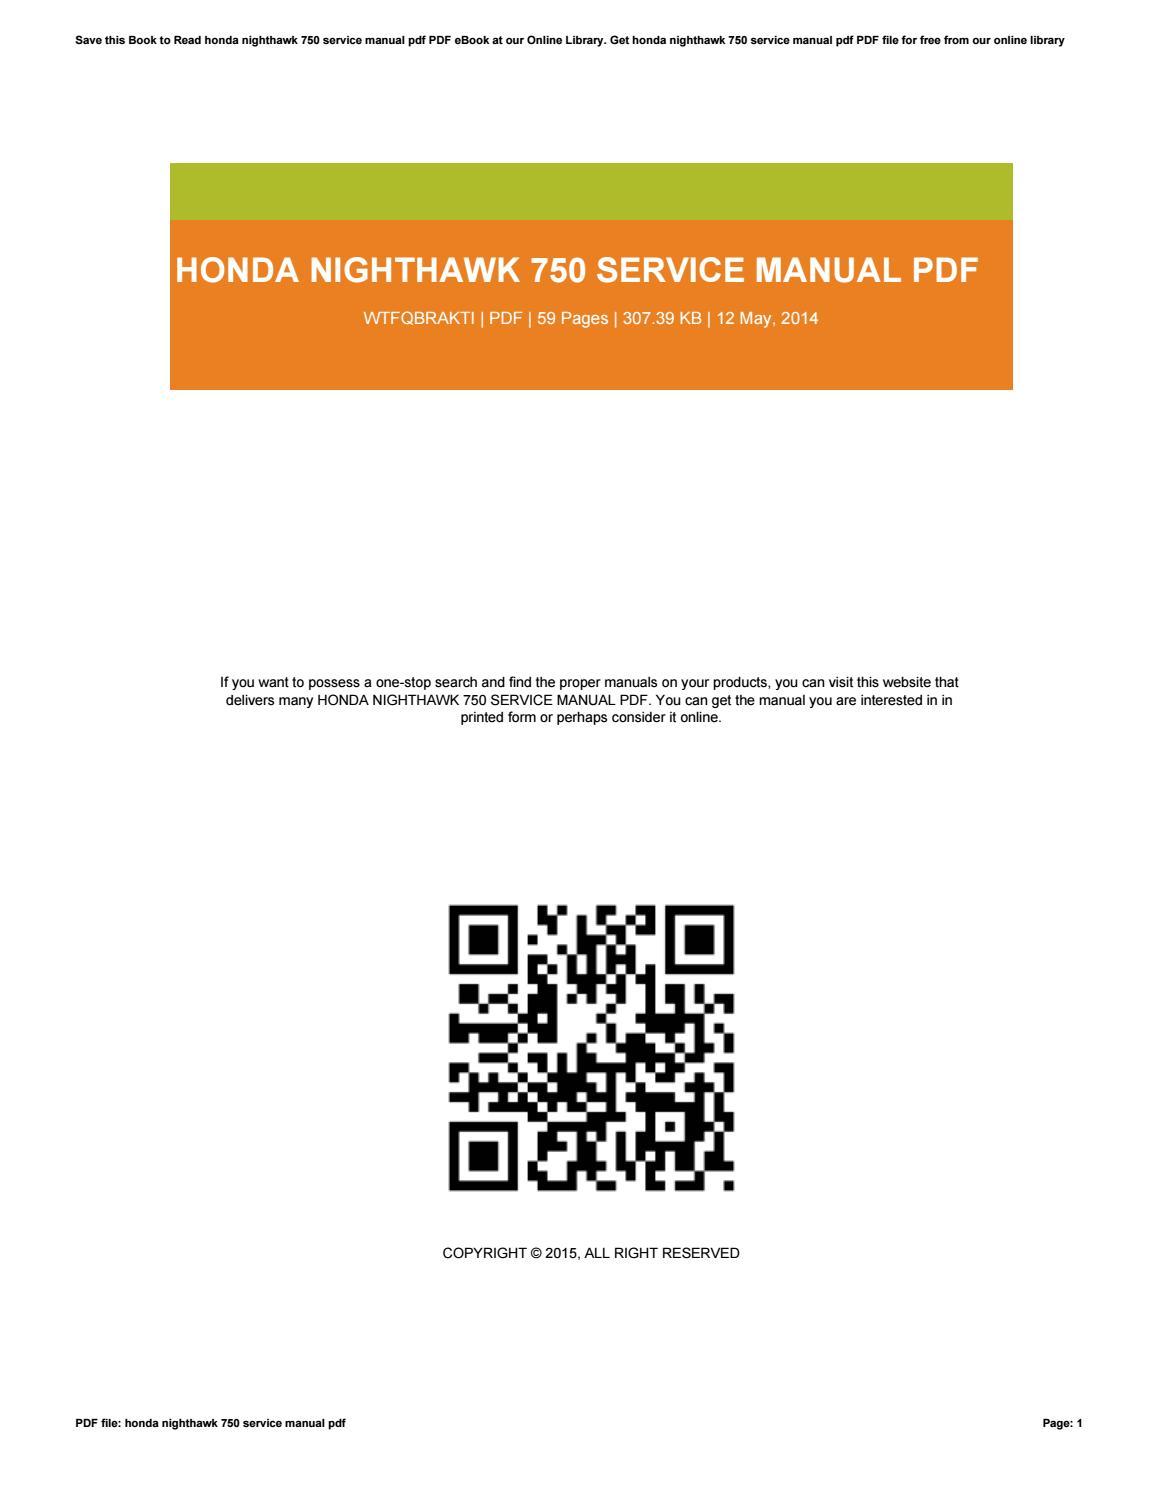 honda nighthawk 750 service manual pdf by carolineugarte2043 issuu rh issuu com 1992 honda nighthawk 750 owners manual honda nighthawk 750 service manual pdf